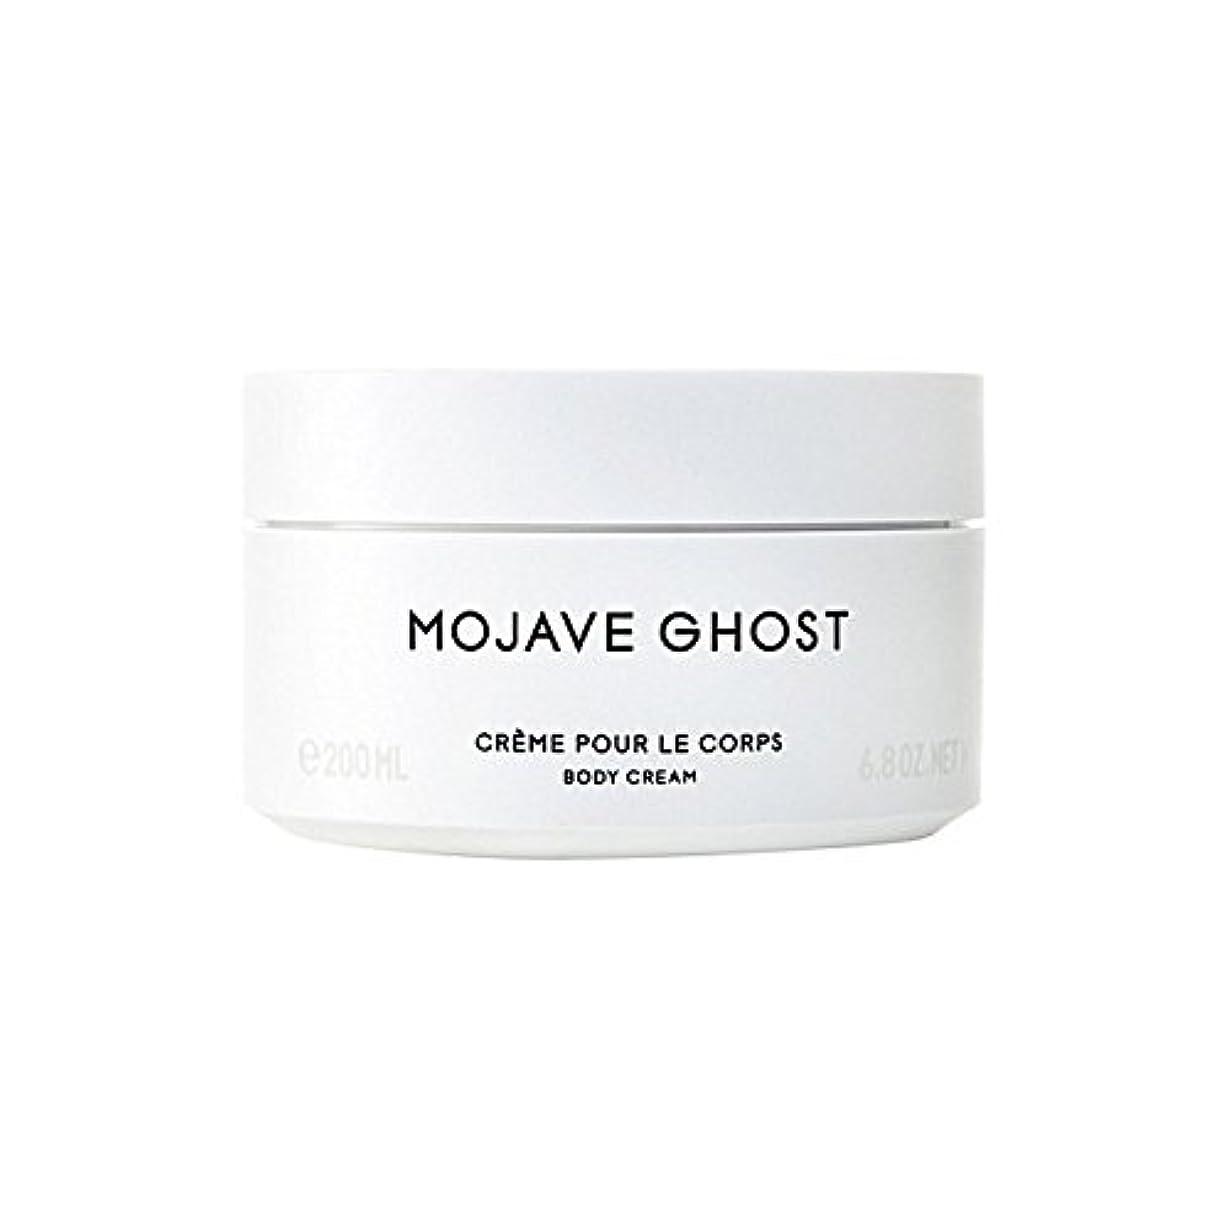 剛性敬意を表する見込みByredo Mojave Ghost Body Cream 200ml - モハーベゴーストボディクリーム200ミリリットル [並行輸入品]